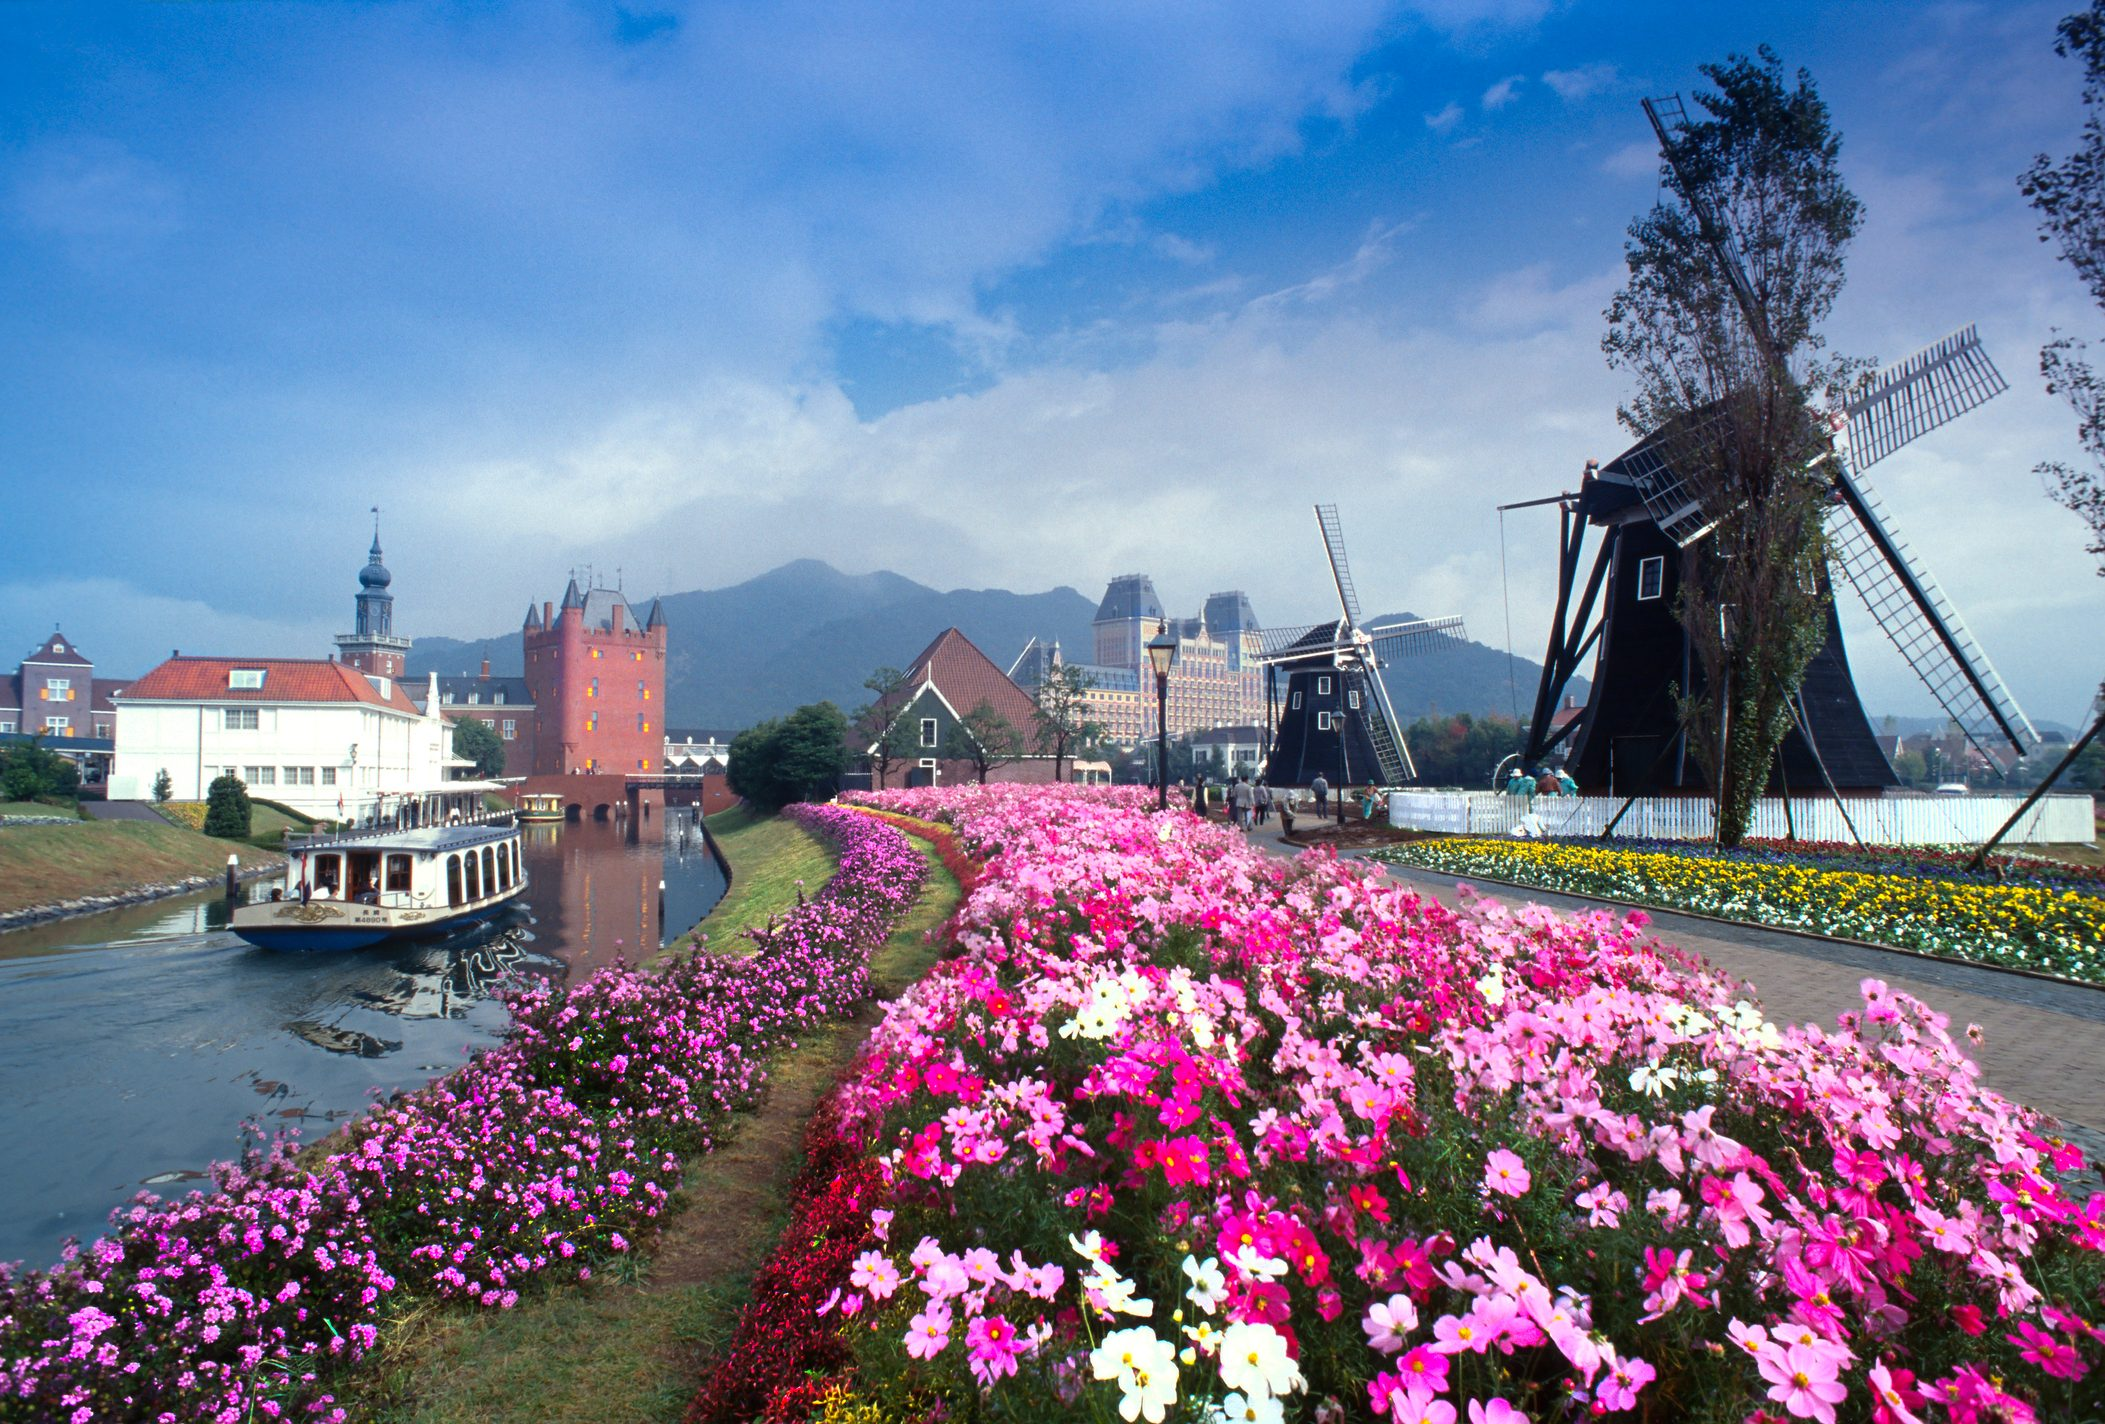 Huis Ten Bosch a Dutch city in Kyushu Japan